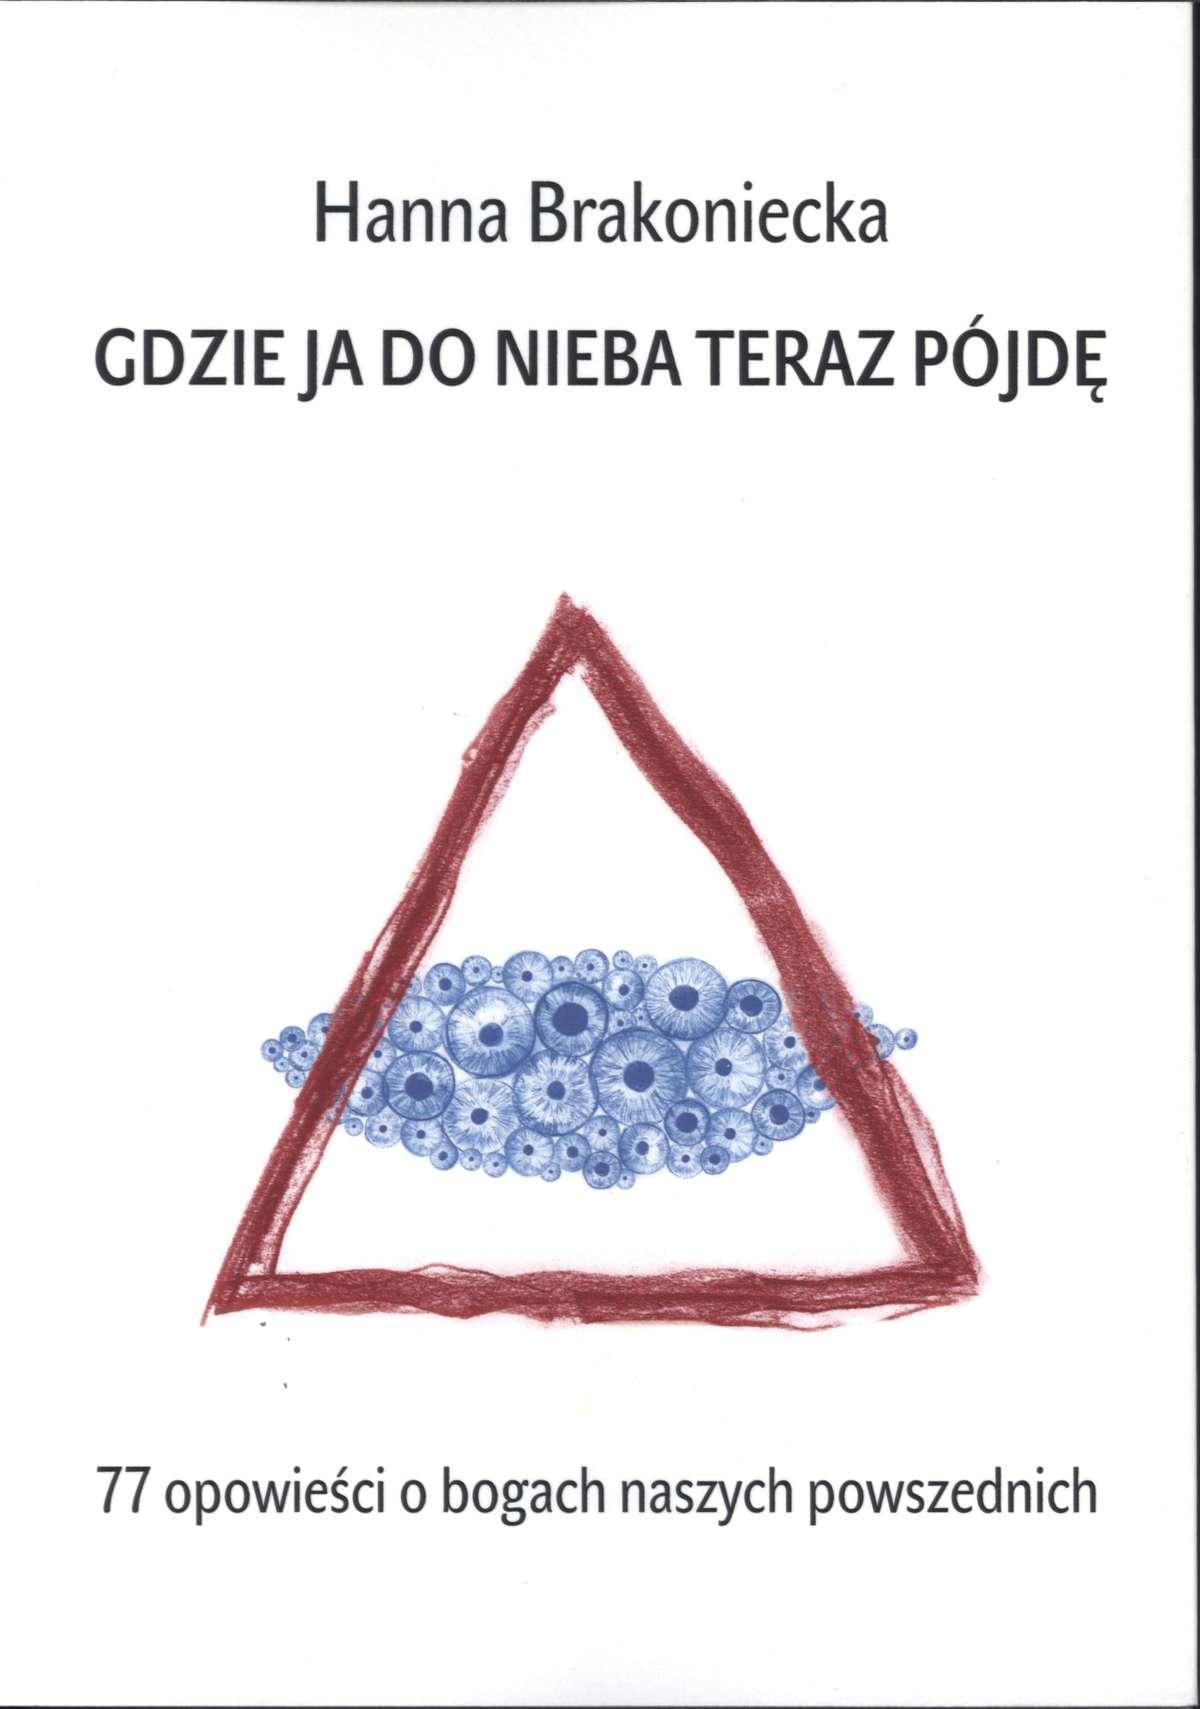 """Spotkanie z Hanną Brakoniecką i promocja nowej książki """"Gdzie ja do nieba teraz pójdę"""" - full image"""